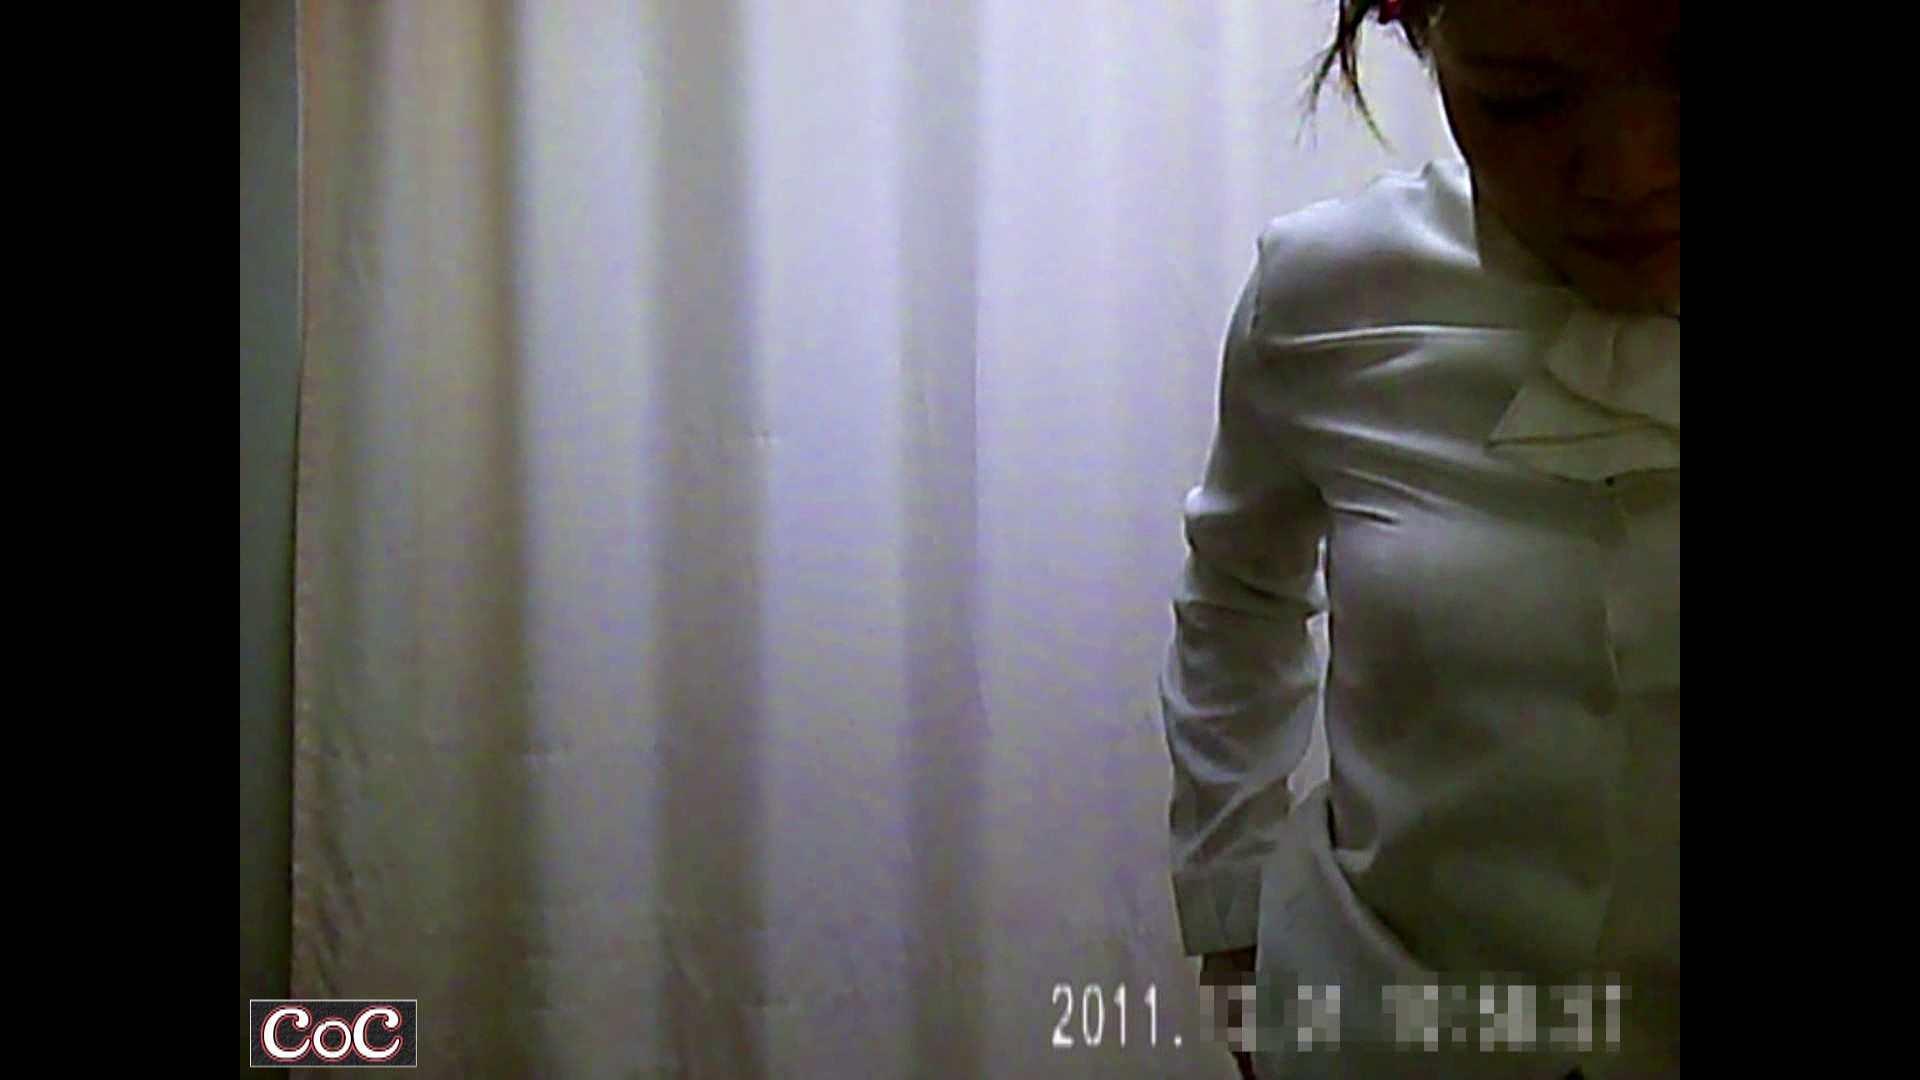 病院おもいっきり着替え! vol.107 おっぱい オマンコ動画キャプチャ 85画像 52